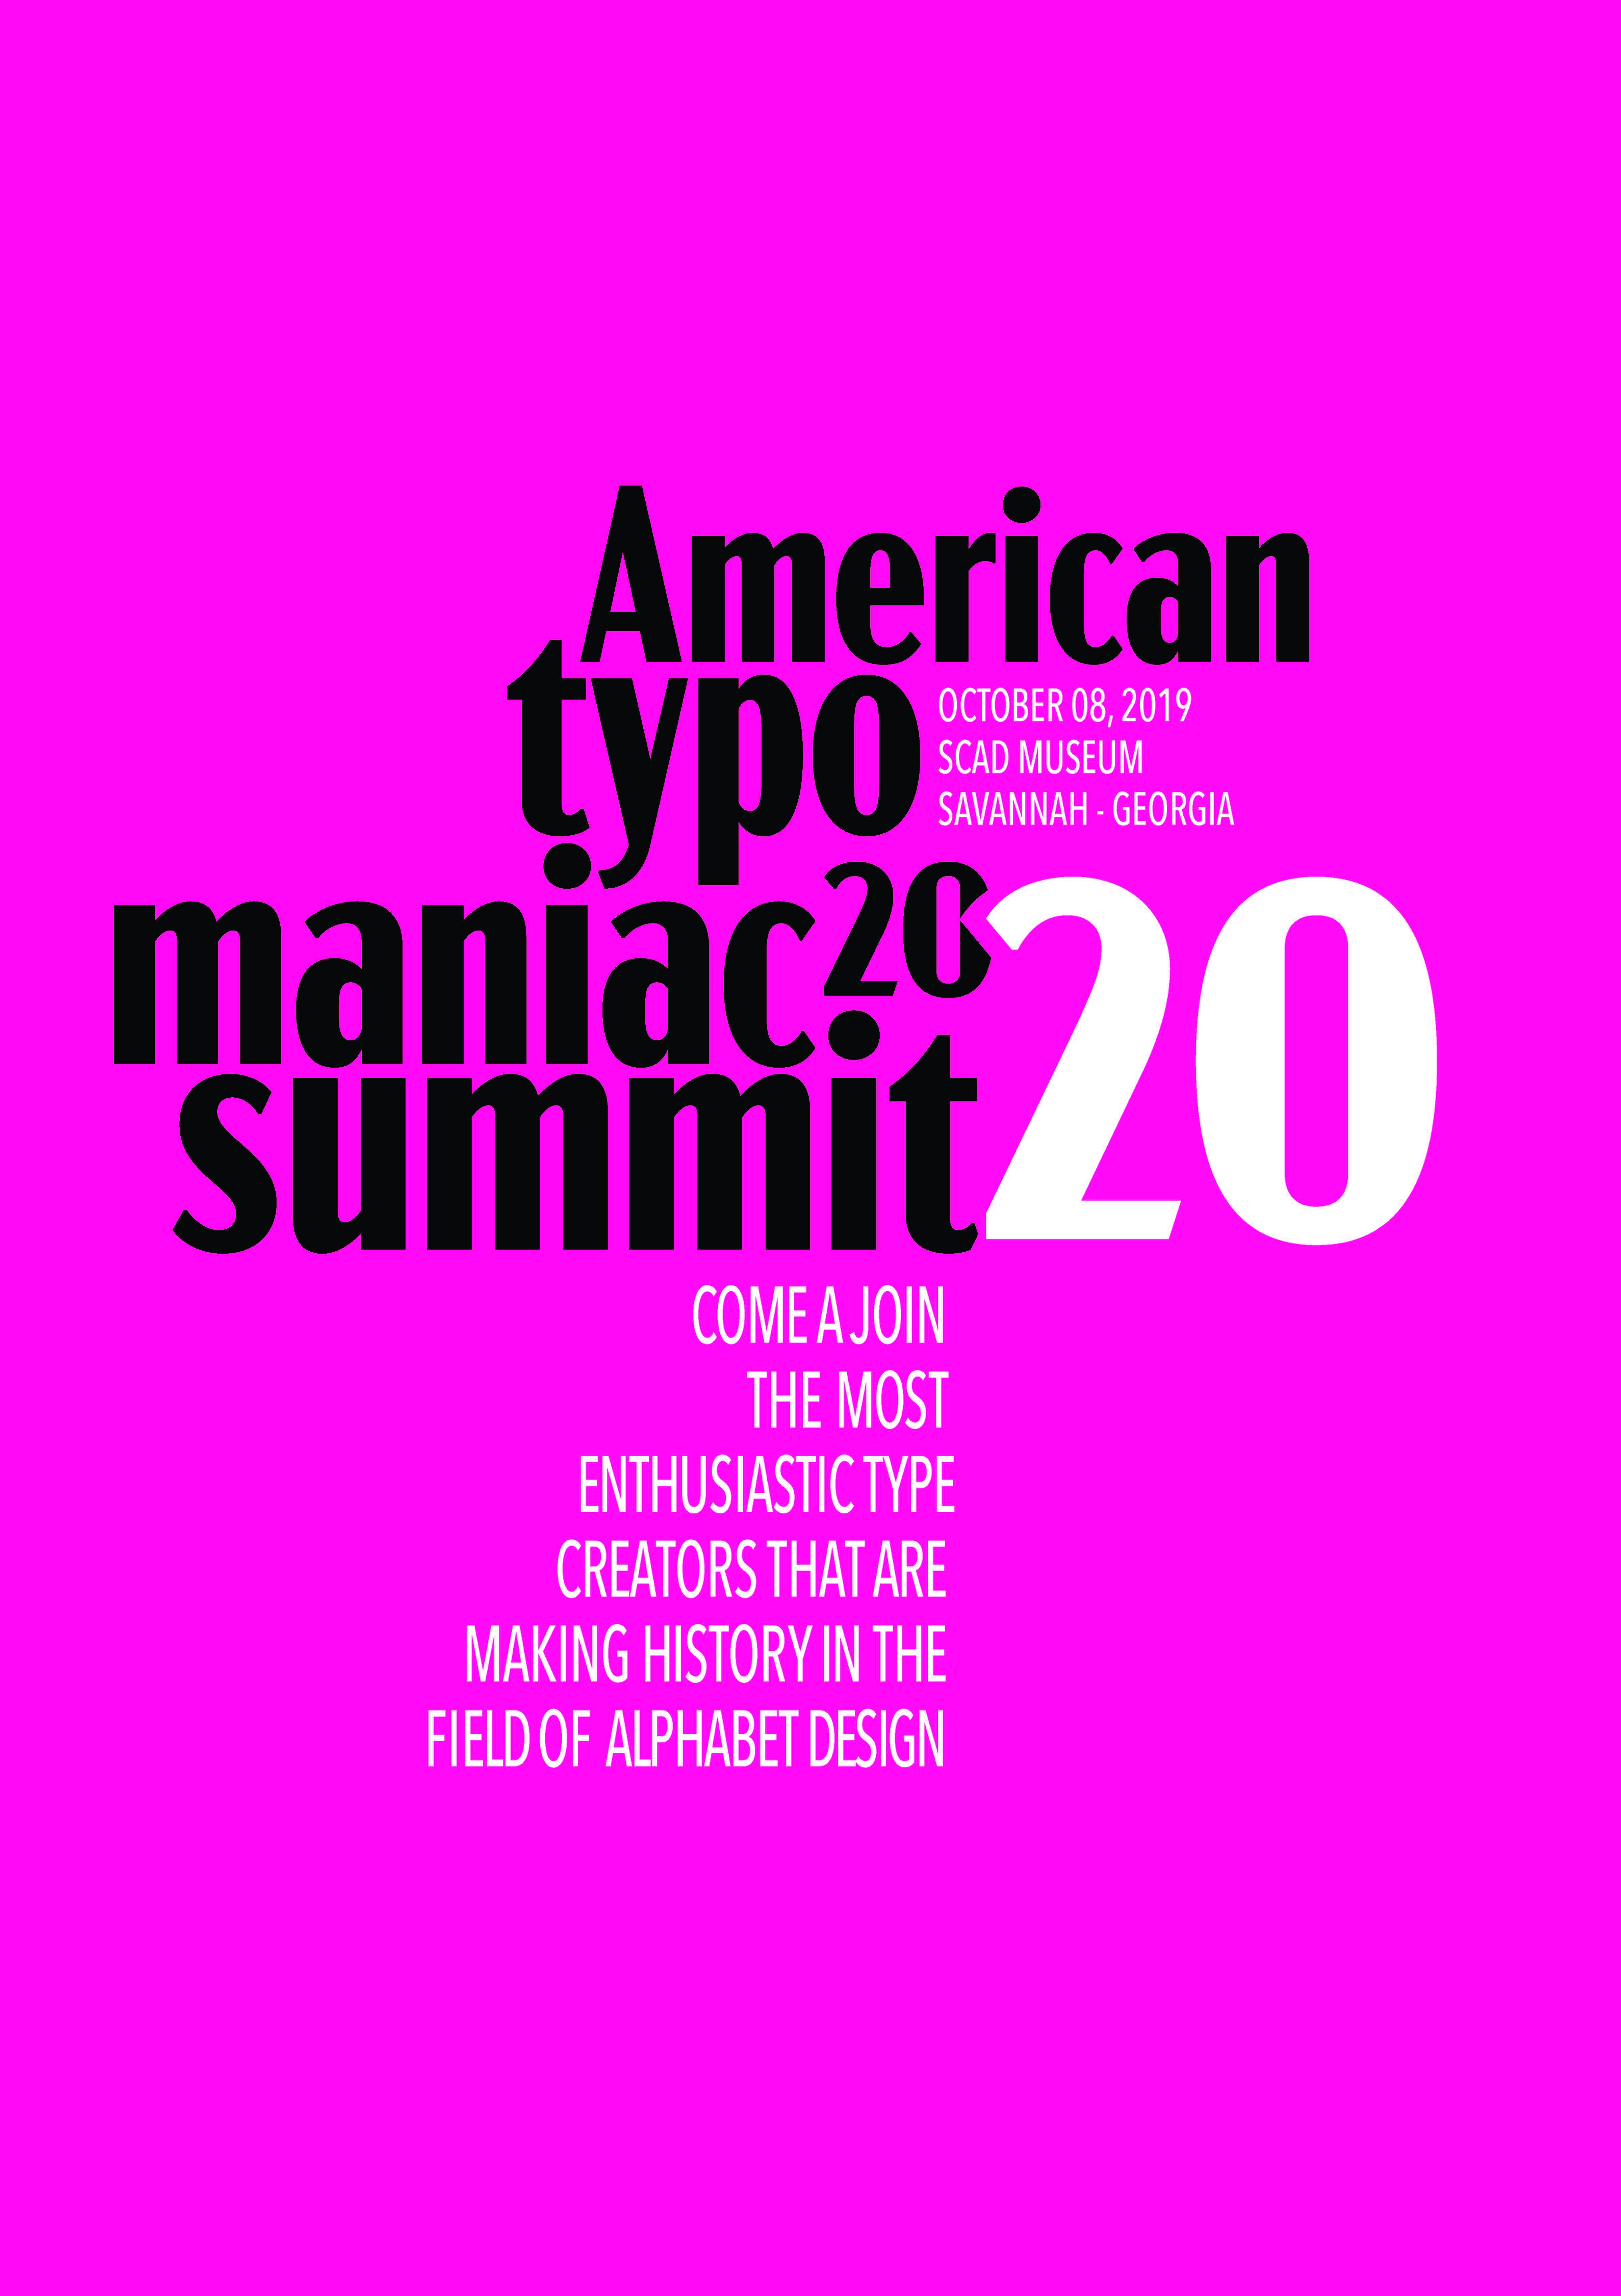 American Typo Maniac Summit